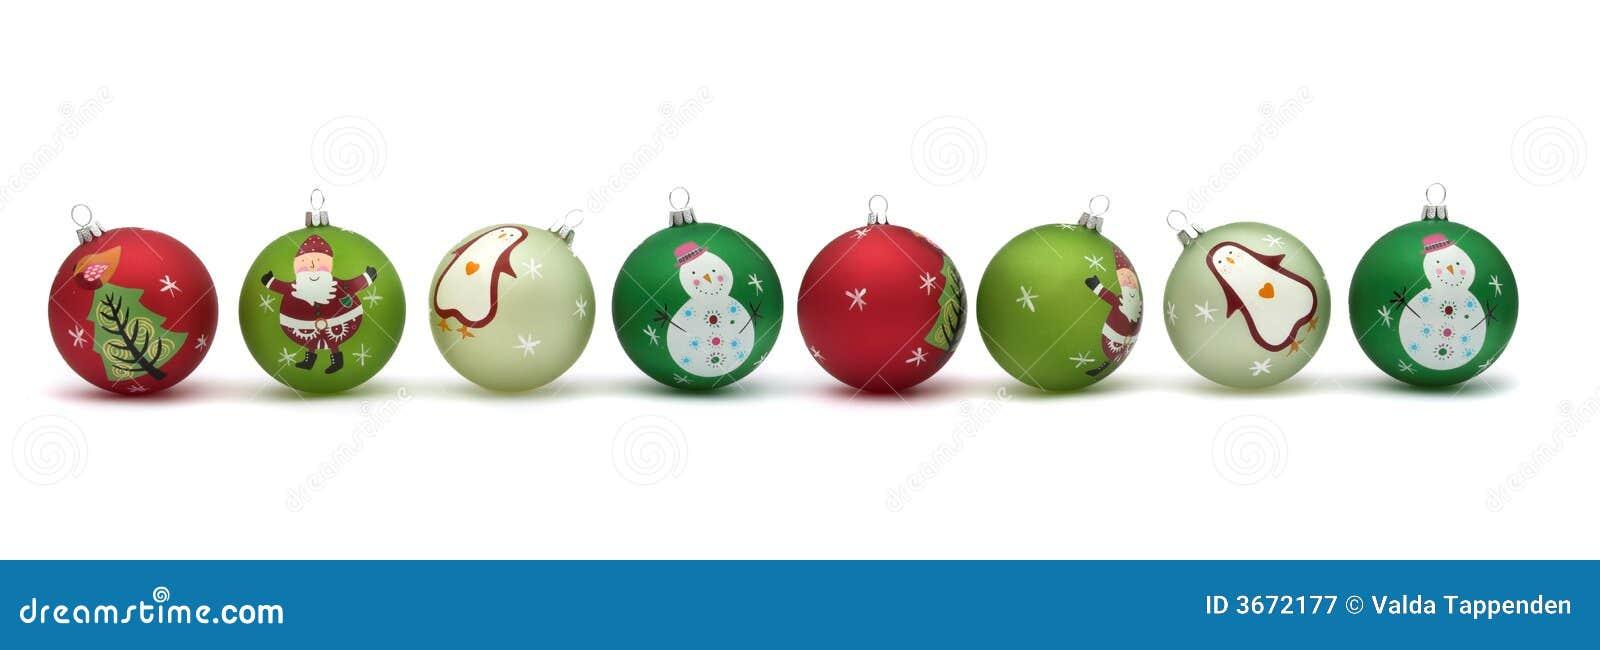 Hübscher Weihnachtsflitter